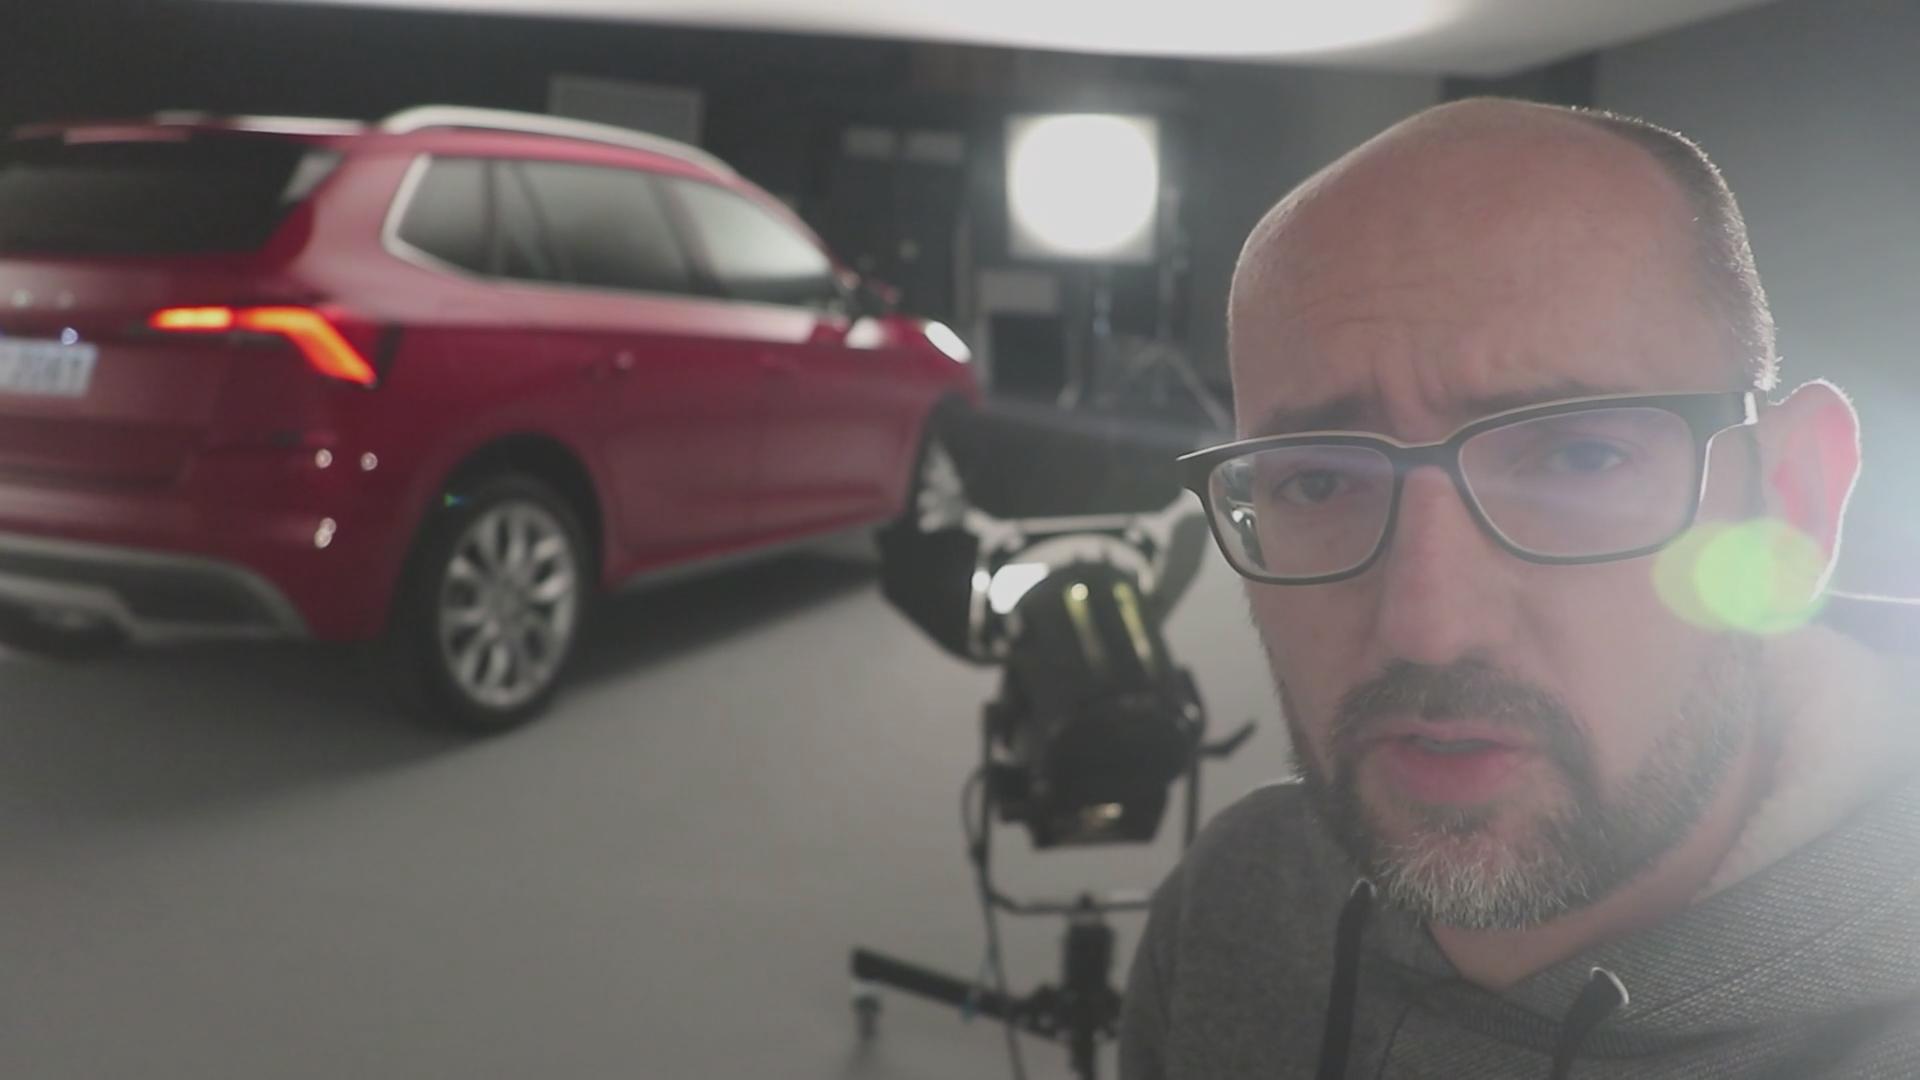 V súvislosti s použitím na vlog je škoda, že kamera nemá detekciu tváre.